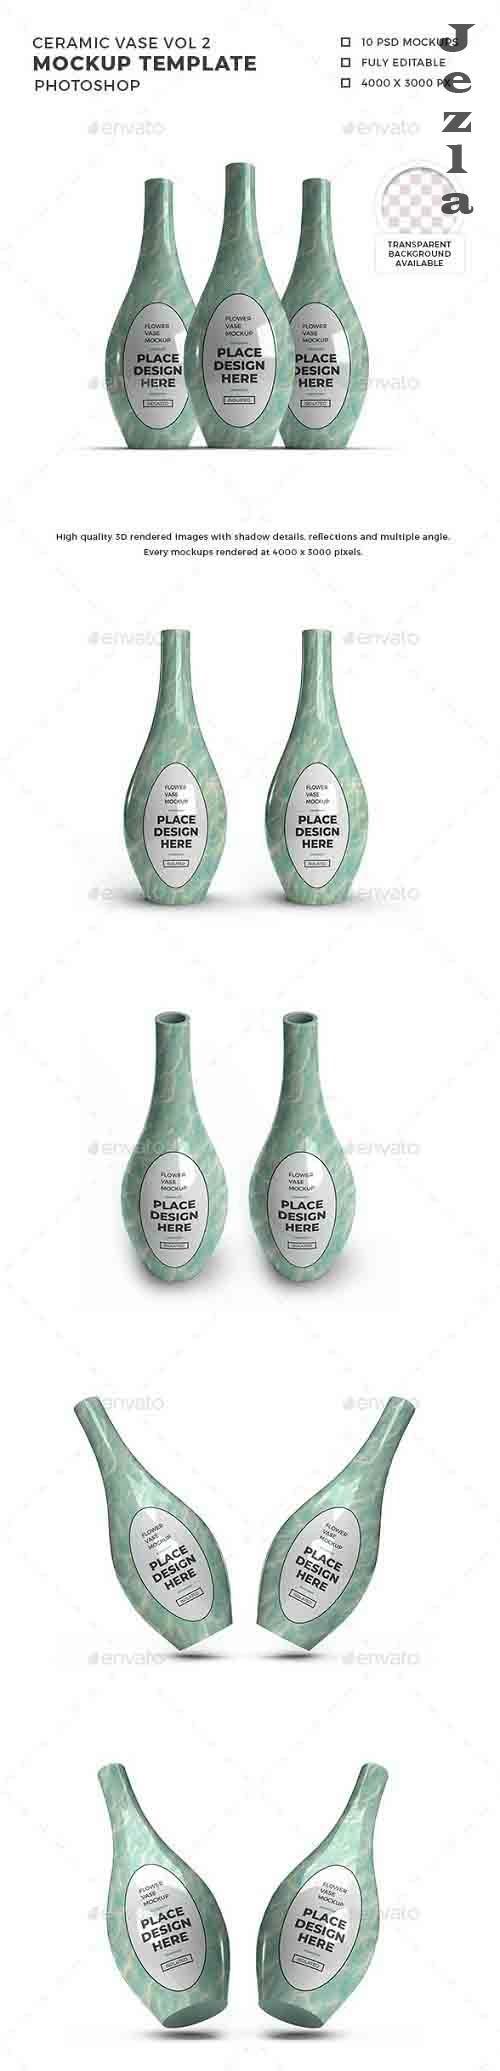 Ceramic Vase 3D Mockup Template Vol 2 - 32458681